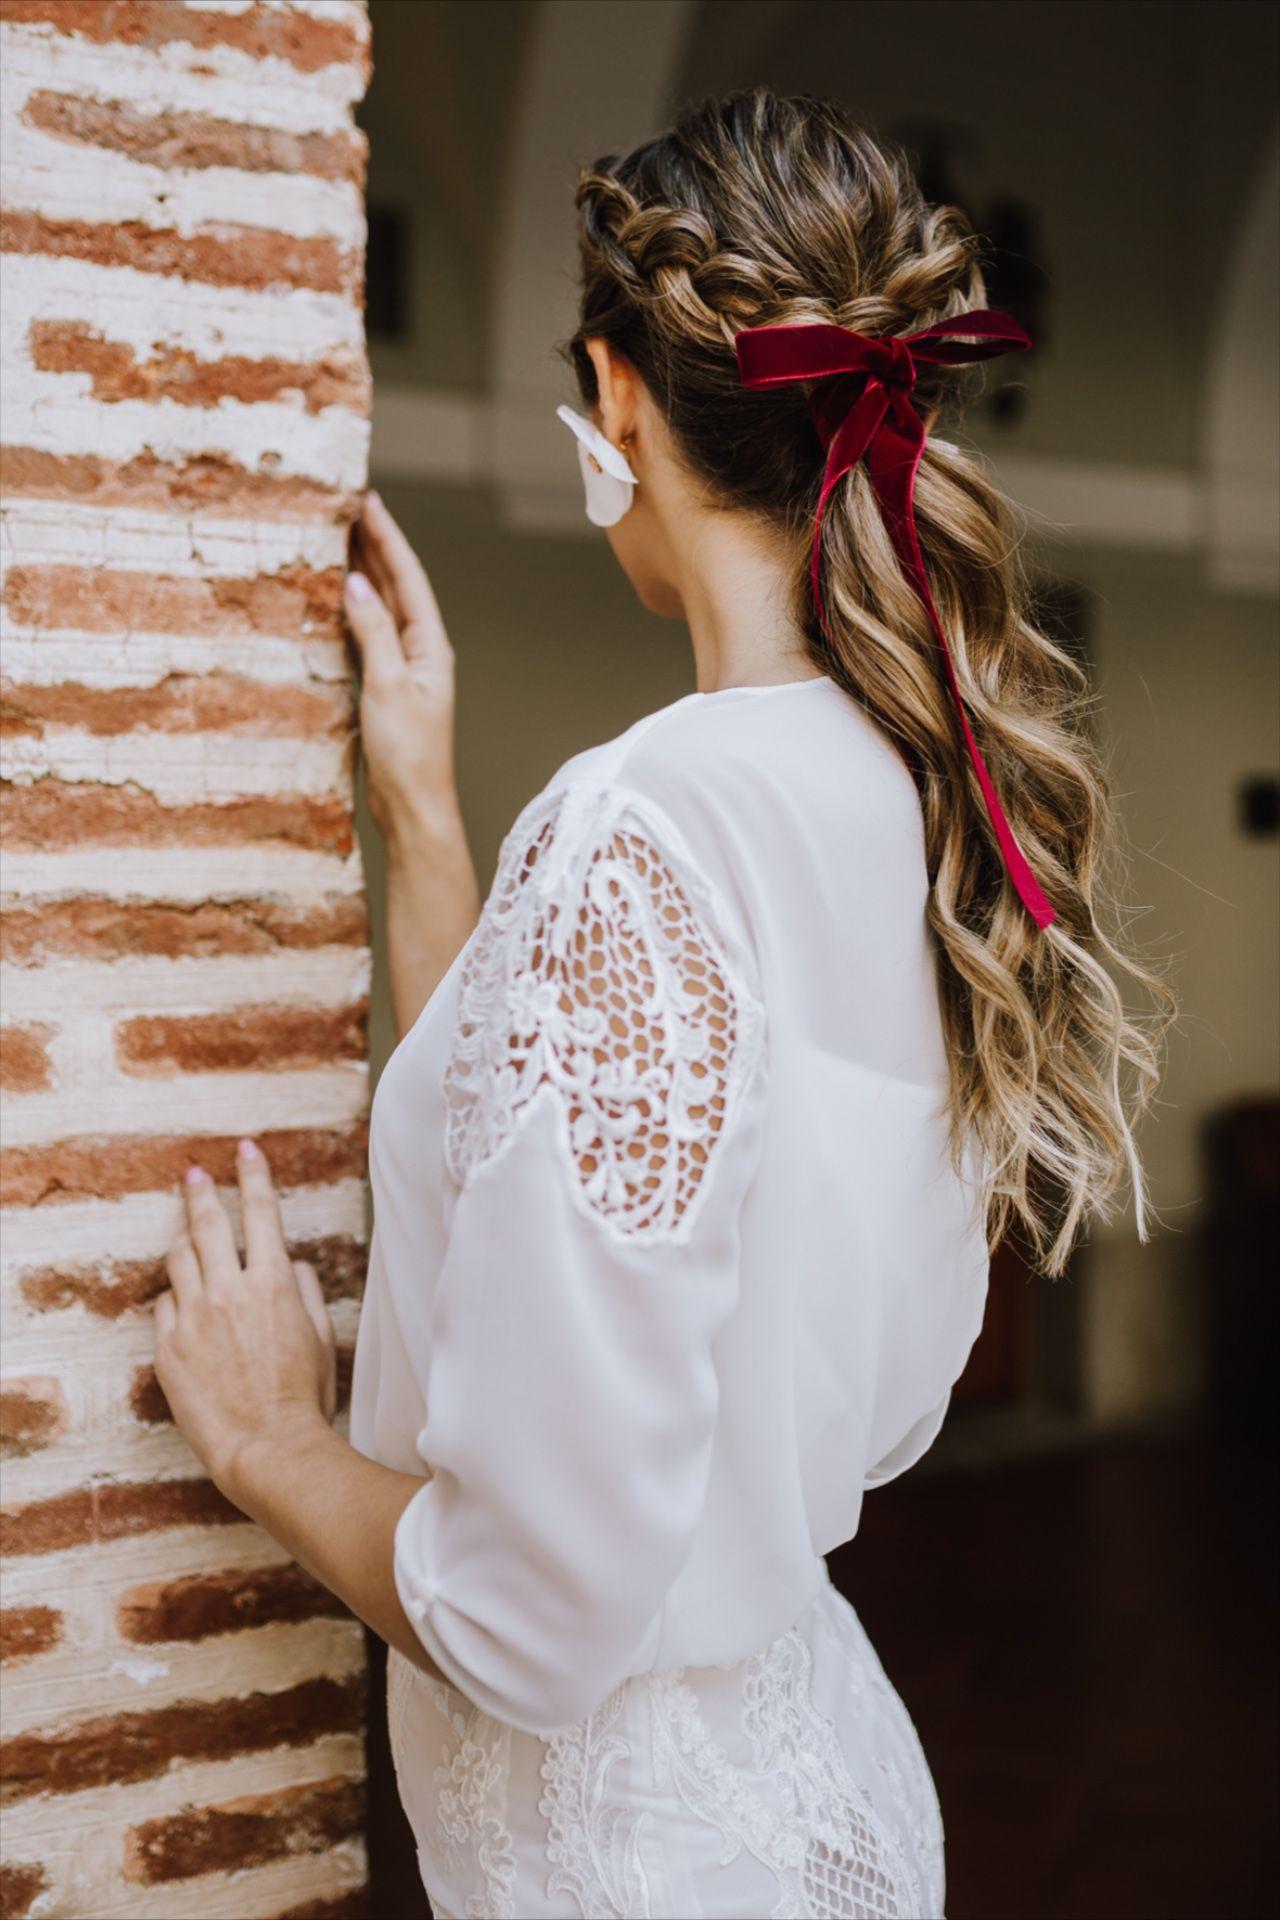 Extremadamente atractivo peinados novias 2021 Galería de ideas de coloración del cabello - Peinados para novias en 2020 | Novios, Inspiración para ...